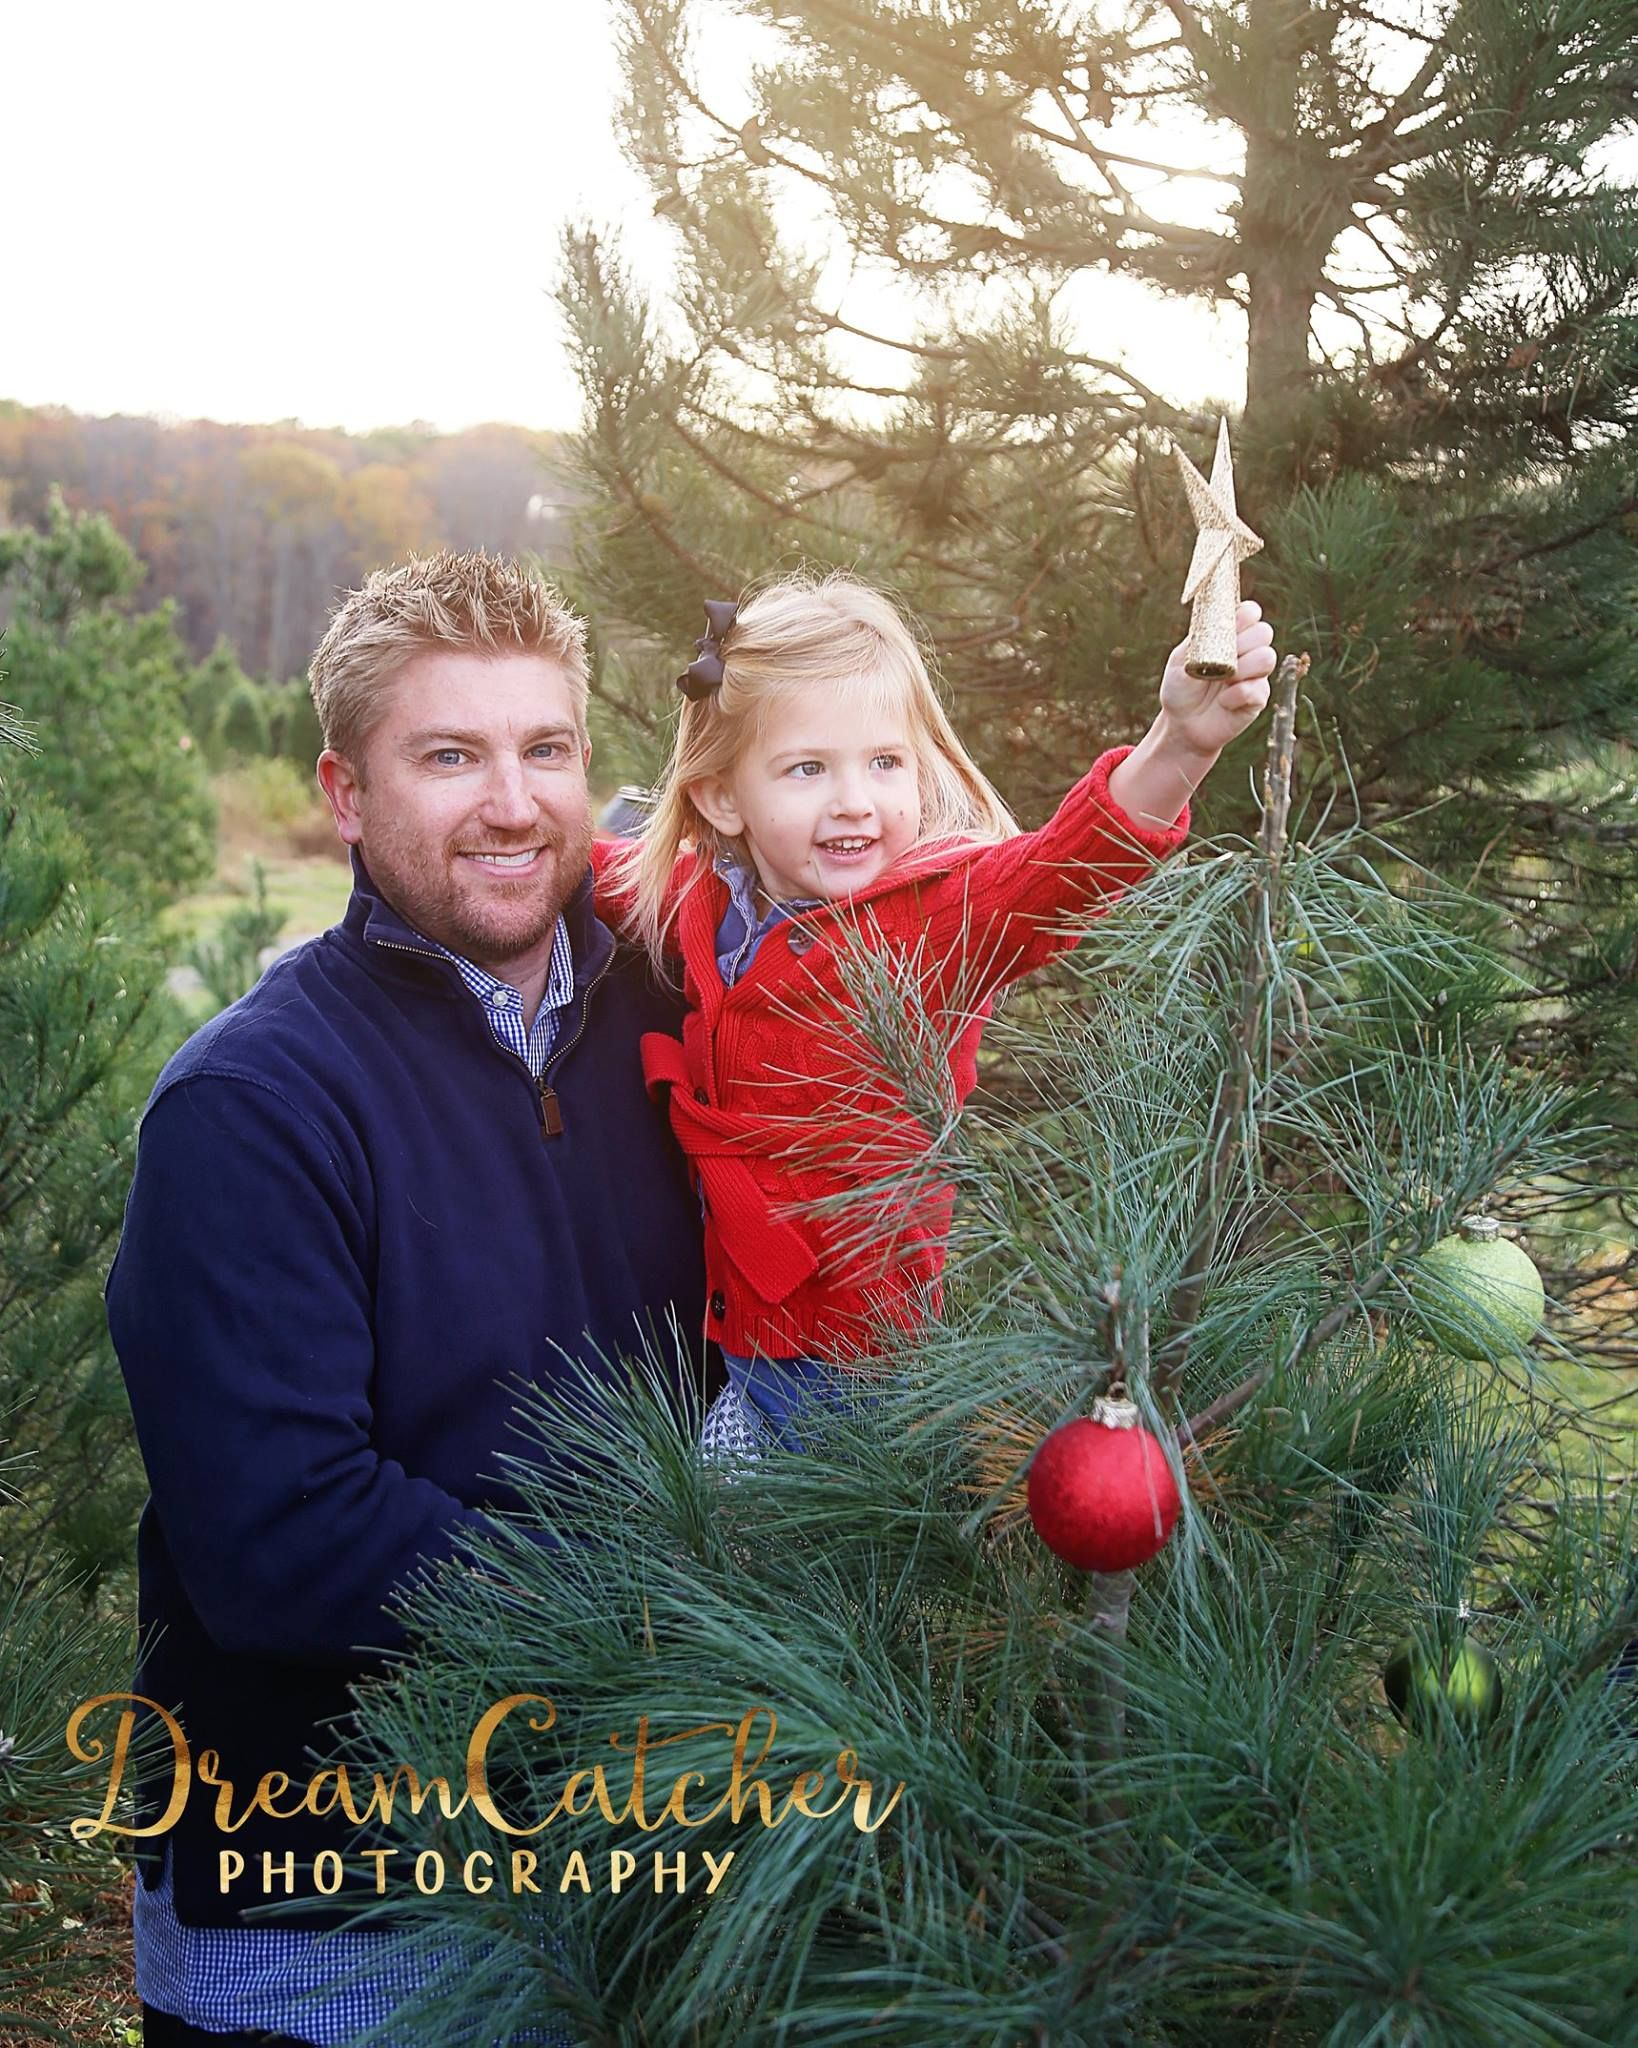 Christmas Tree Farm Mini Session Christmas Tree Farm Mini Session Tree Farm Mini Session Christmas Tree Farm Photos